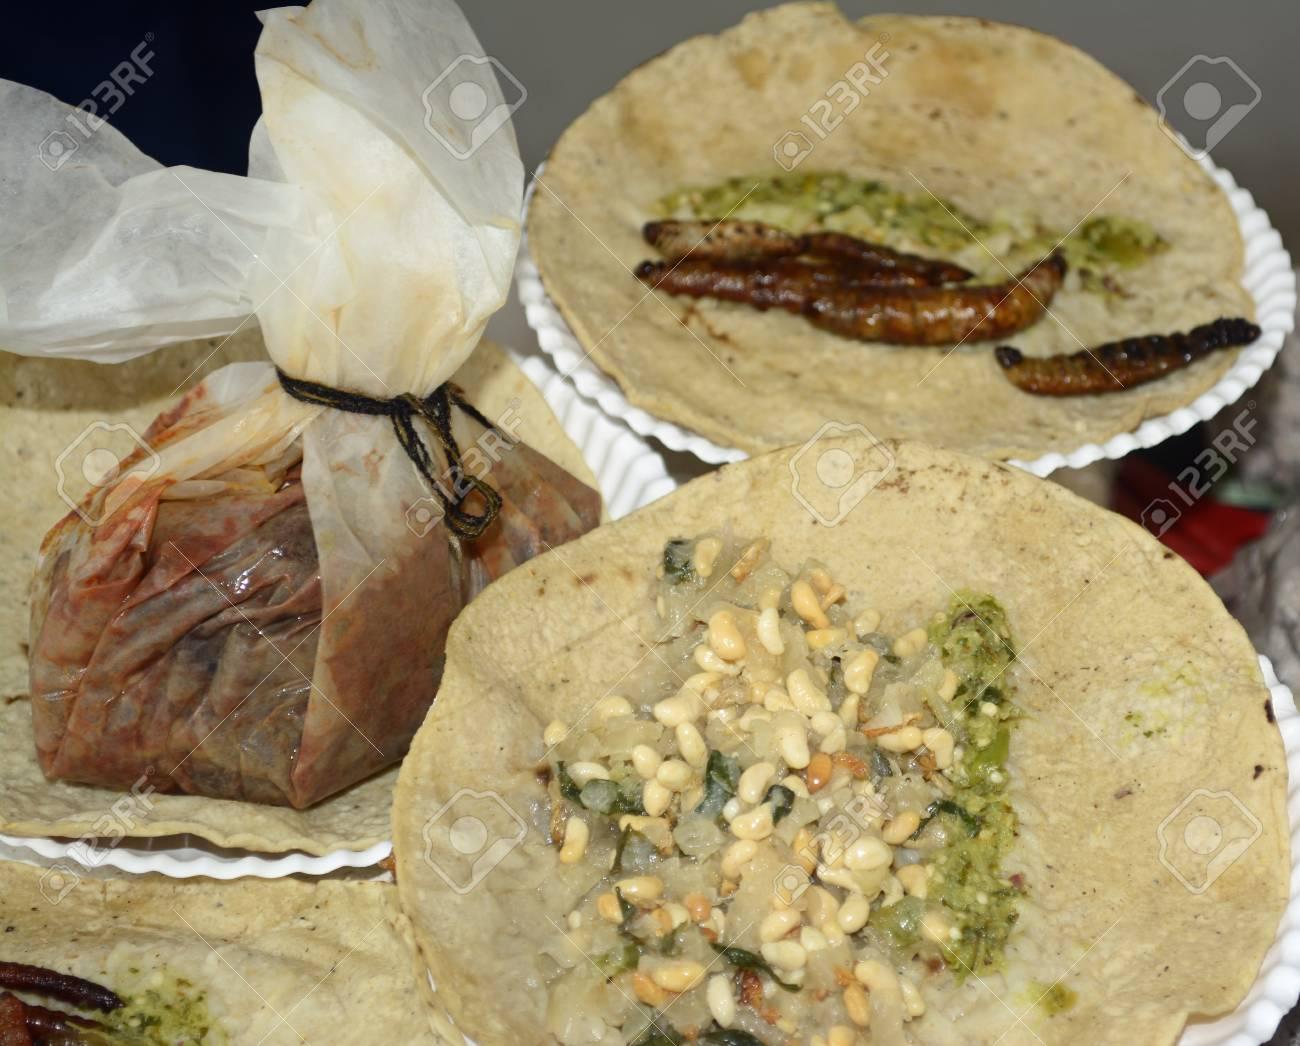 Gebratene Insekten- Und Wurm-Tacos Aus Mexikanischer Küche: Tacos ...